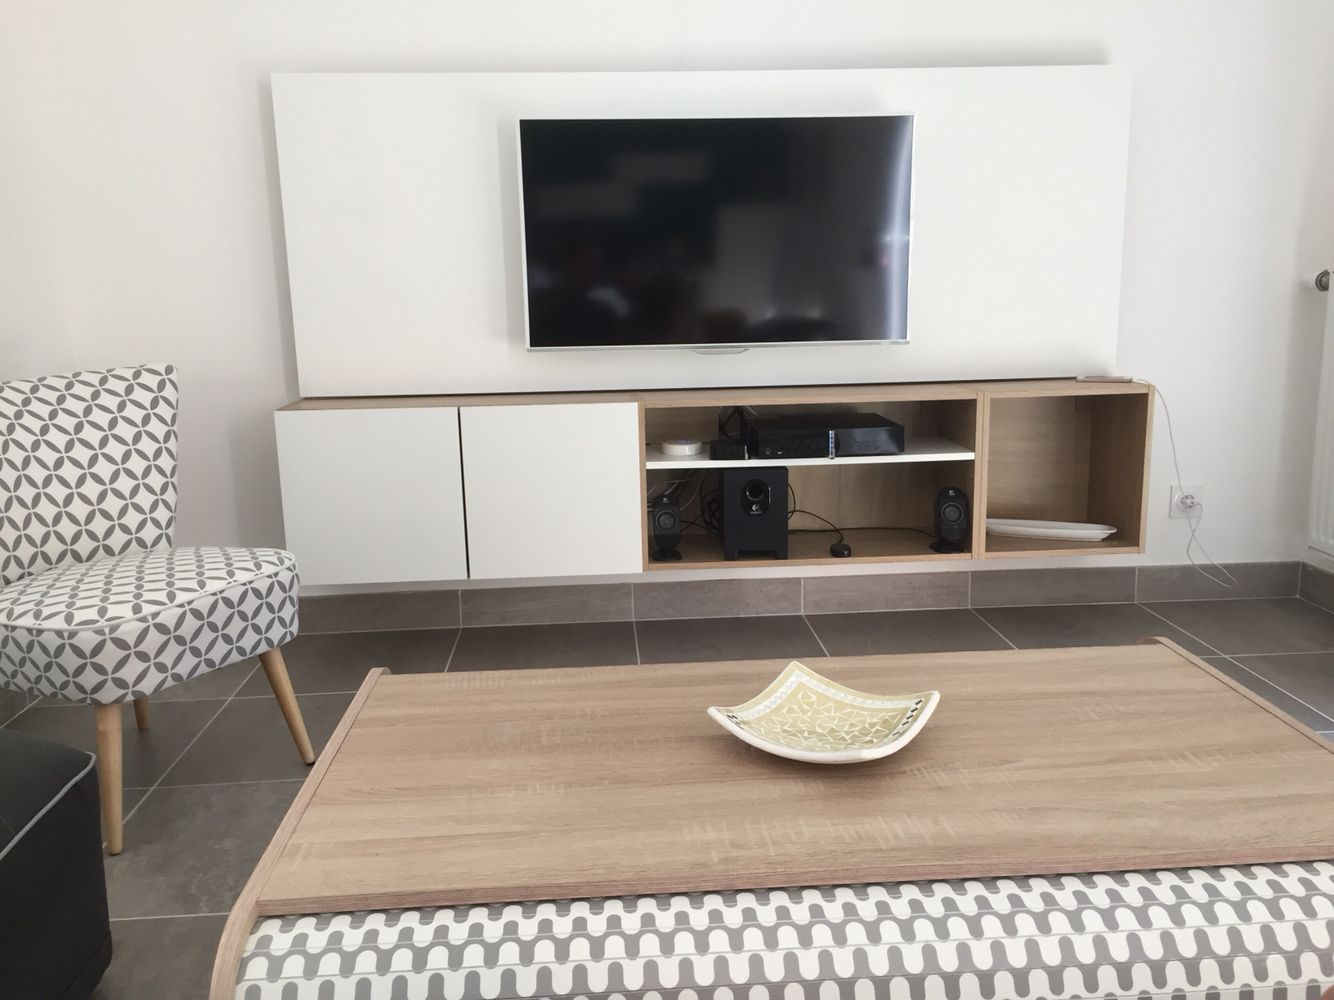 Meuble Tv Suspendu Avec Panneau Mdf Peint En Blanc Caisson Spaceo